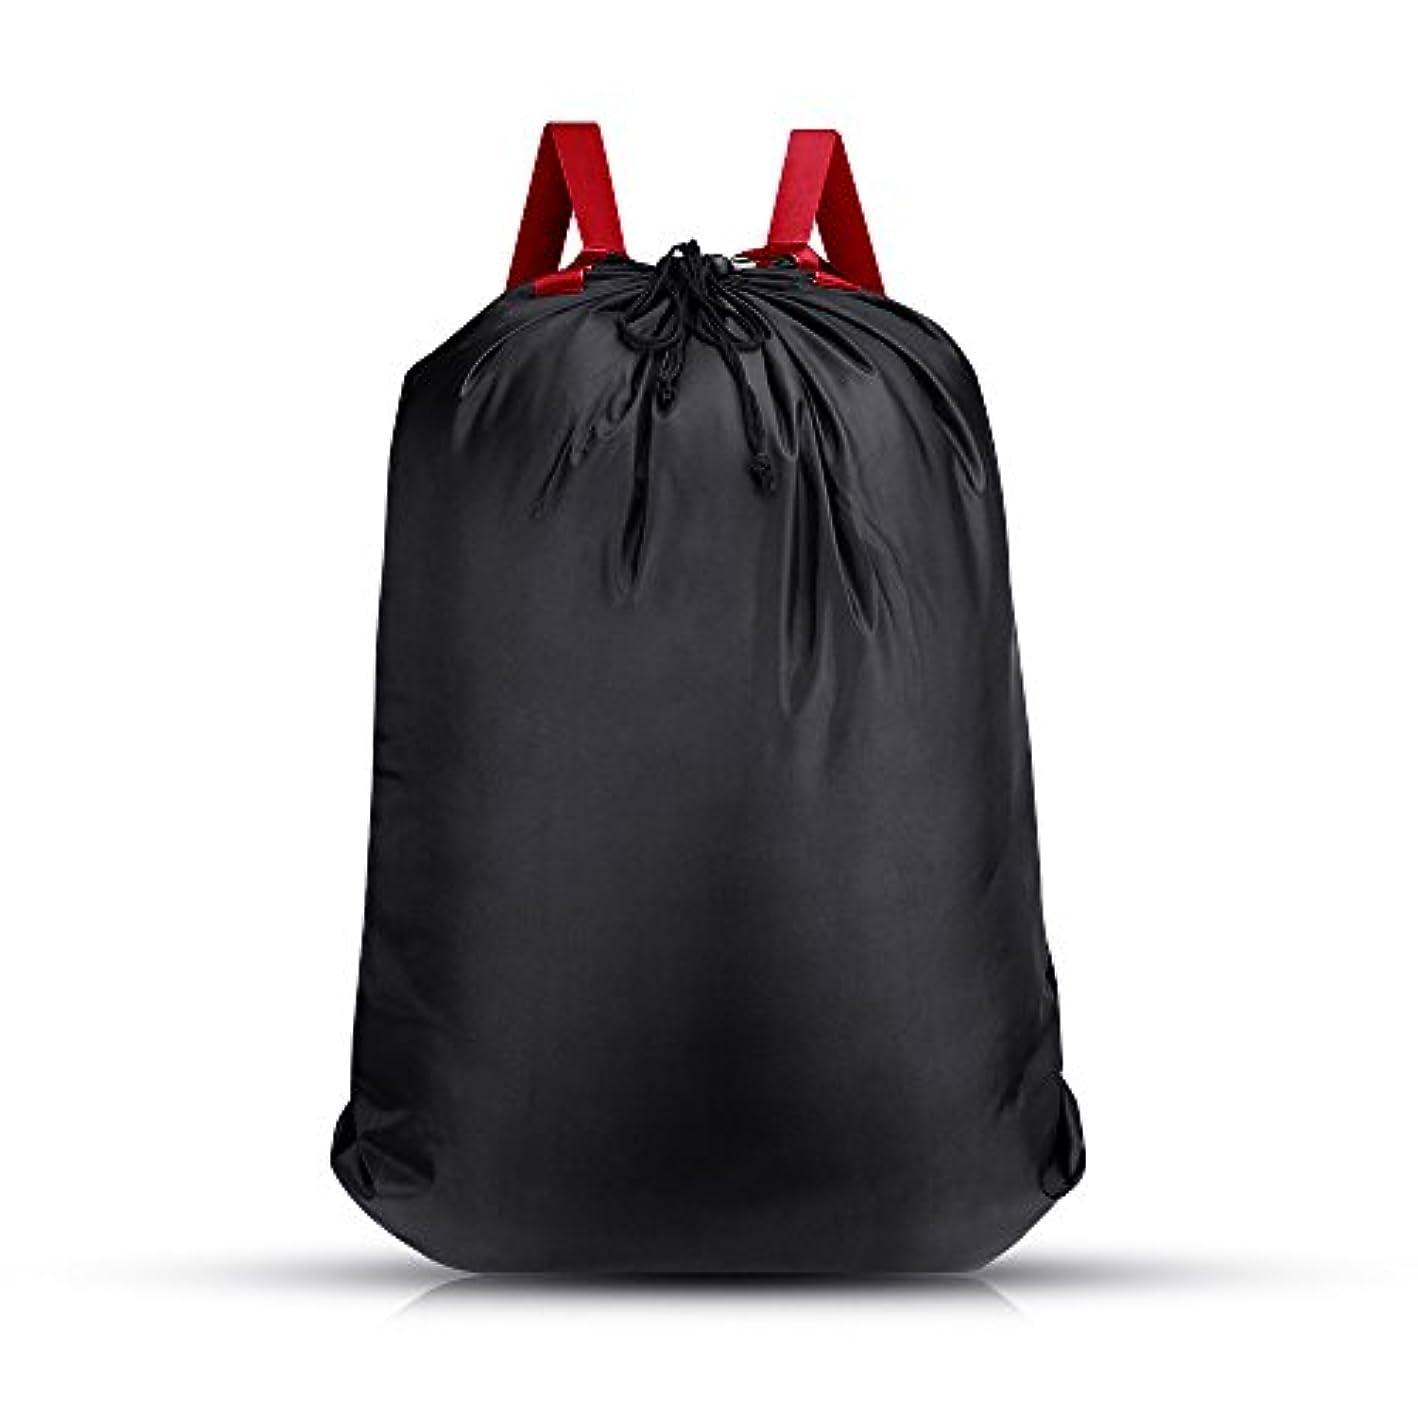 KHTD Laundry Bag 24